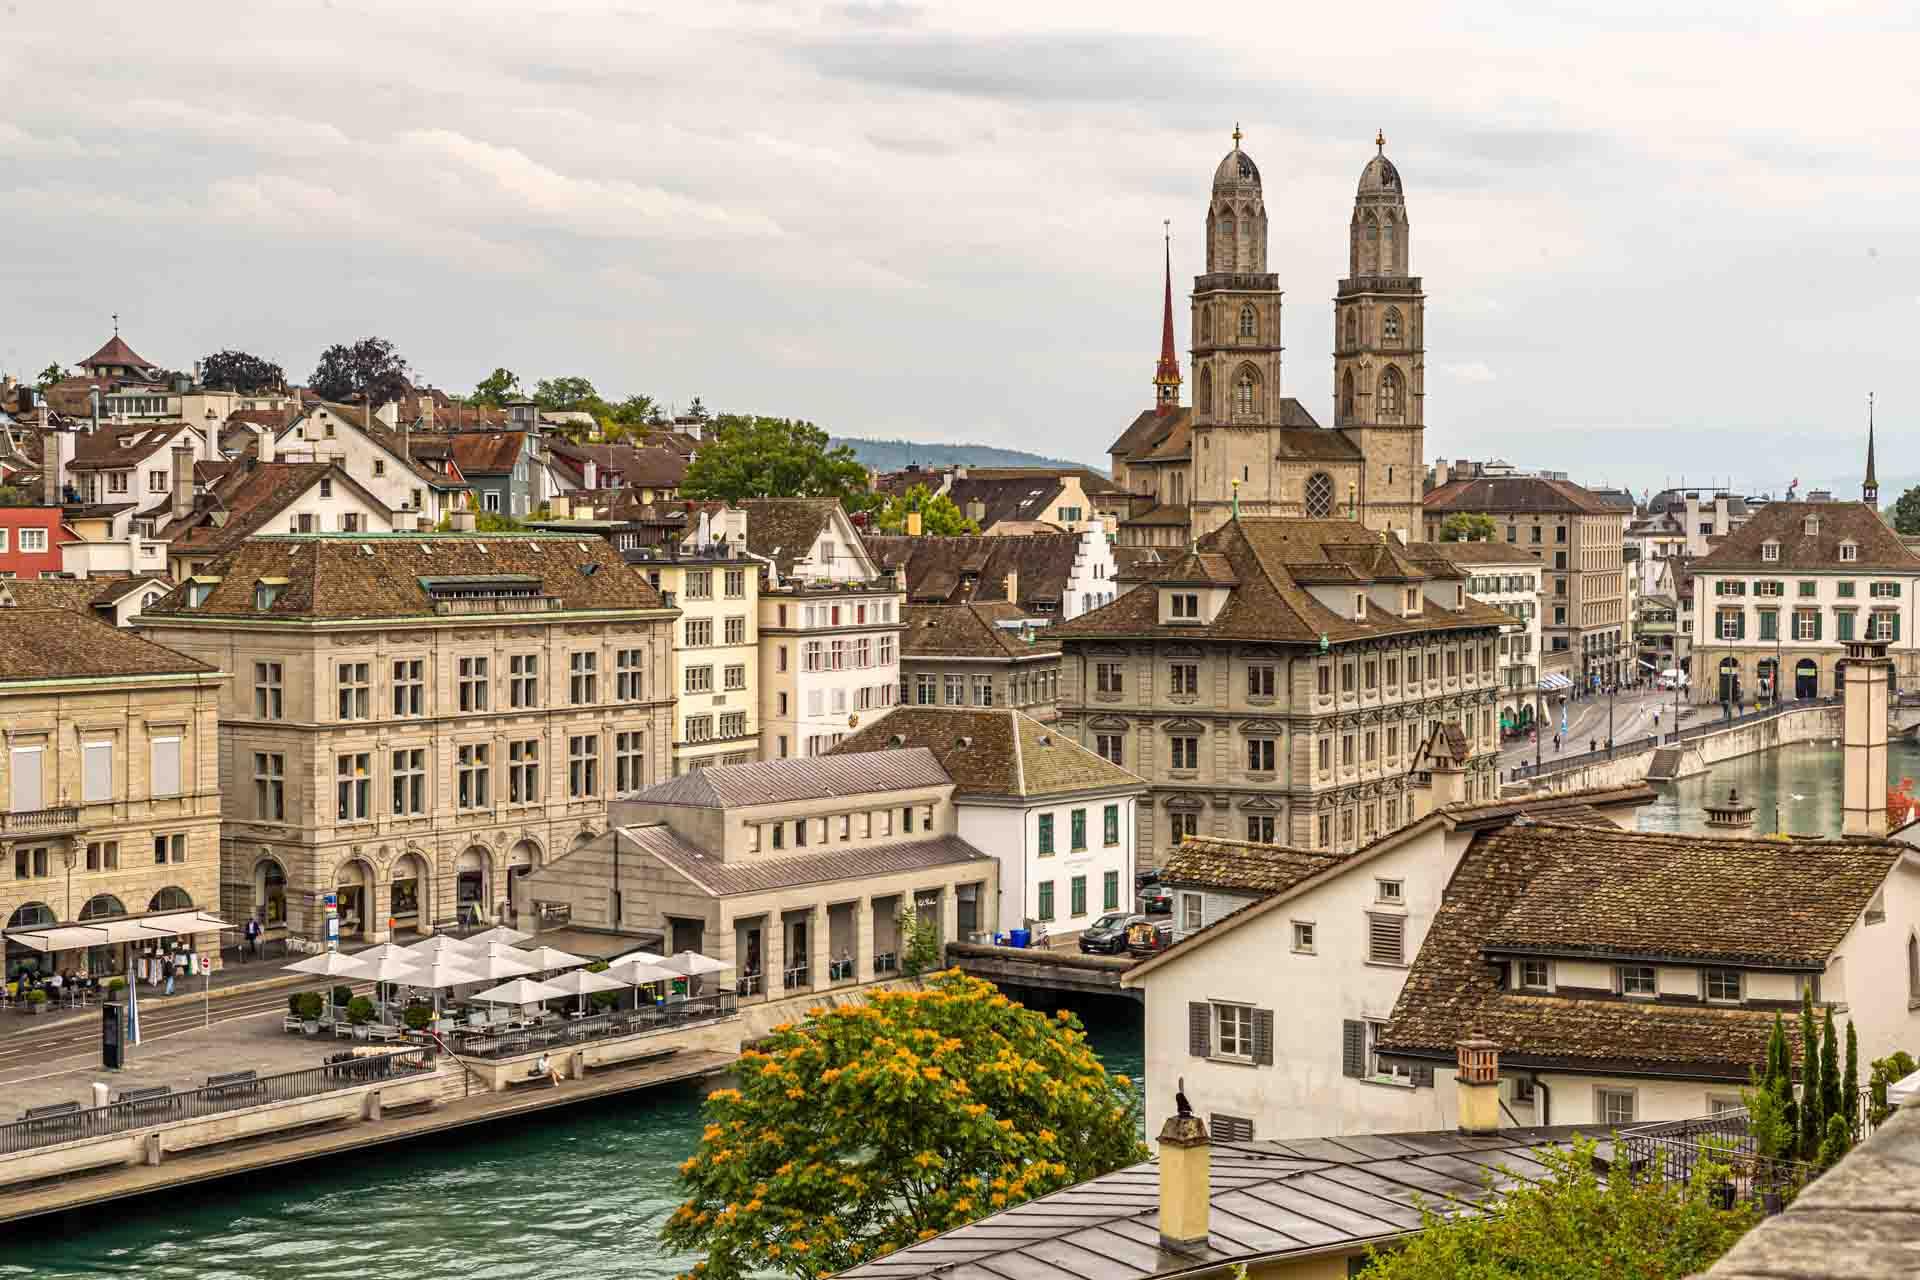 Blick auf die Altstadt von Zürich mit Limmat und Großmünster / © FrontRowSociety.net, Foto: Georg Berg